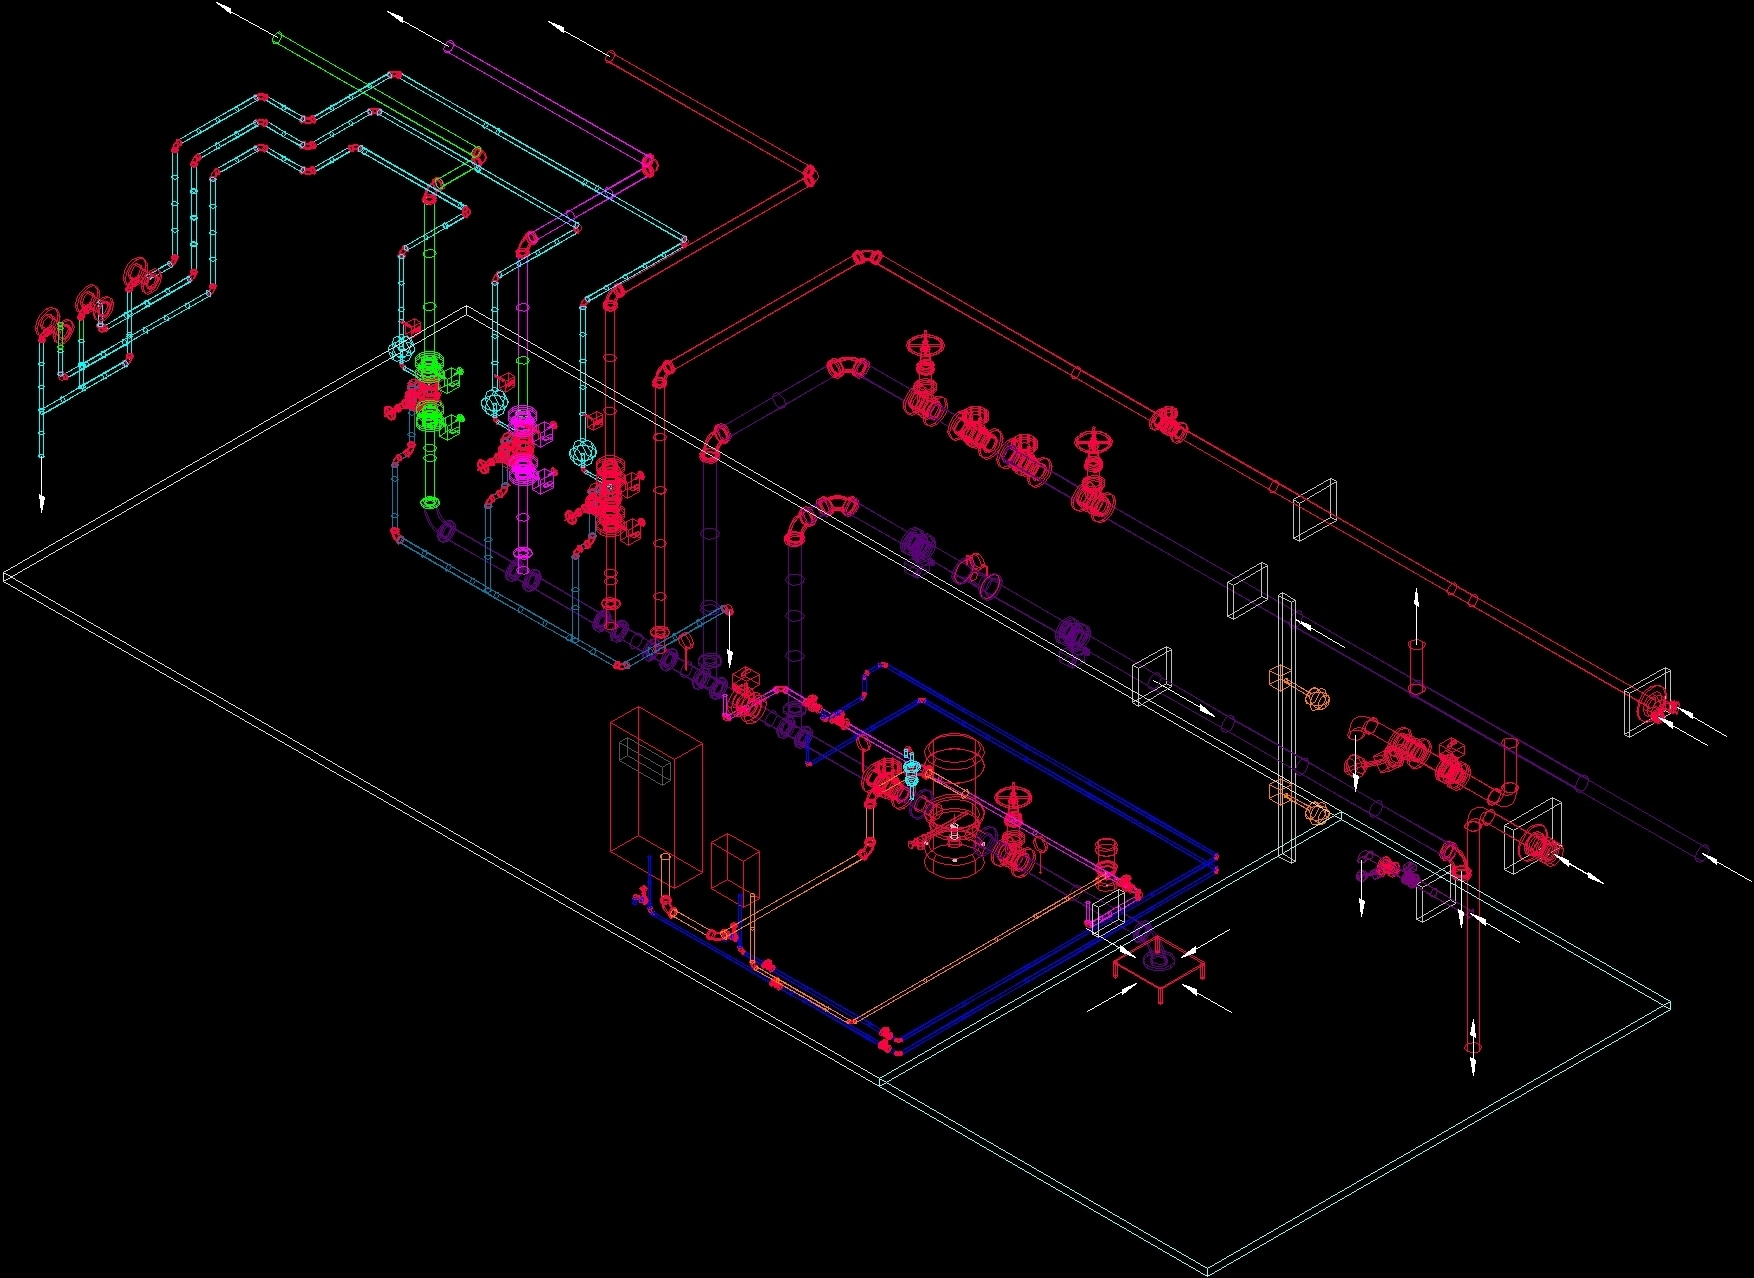 Pump Room 3d Dwg Model For Autocad  U2013 Designs Cad